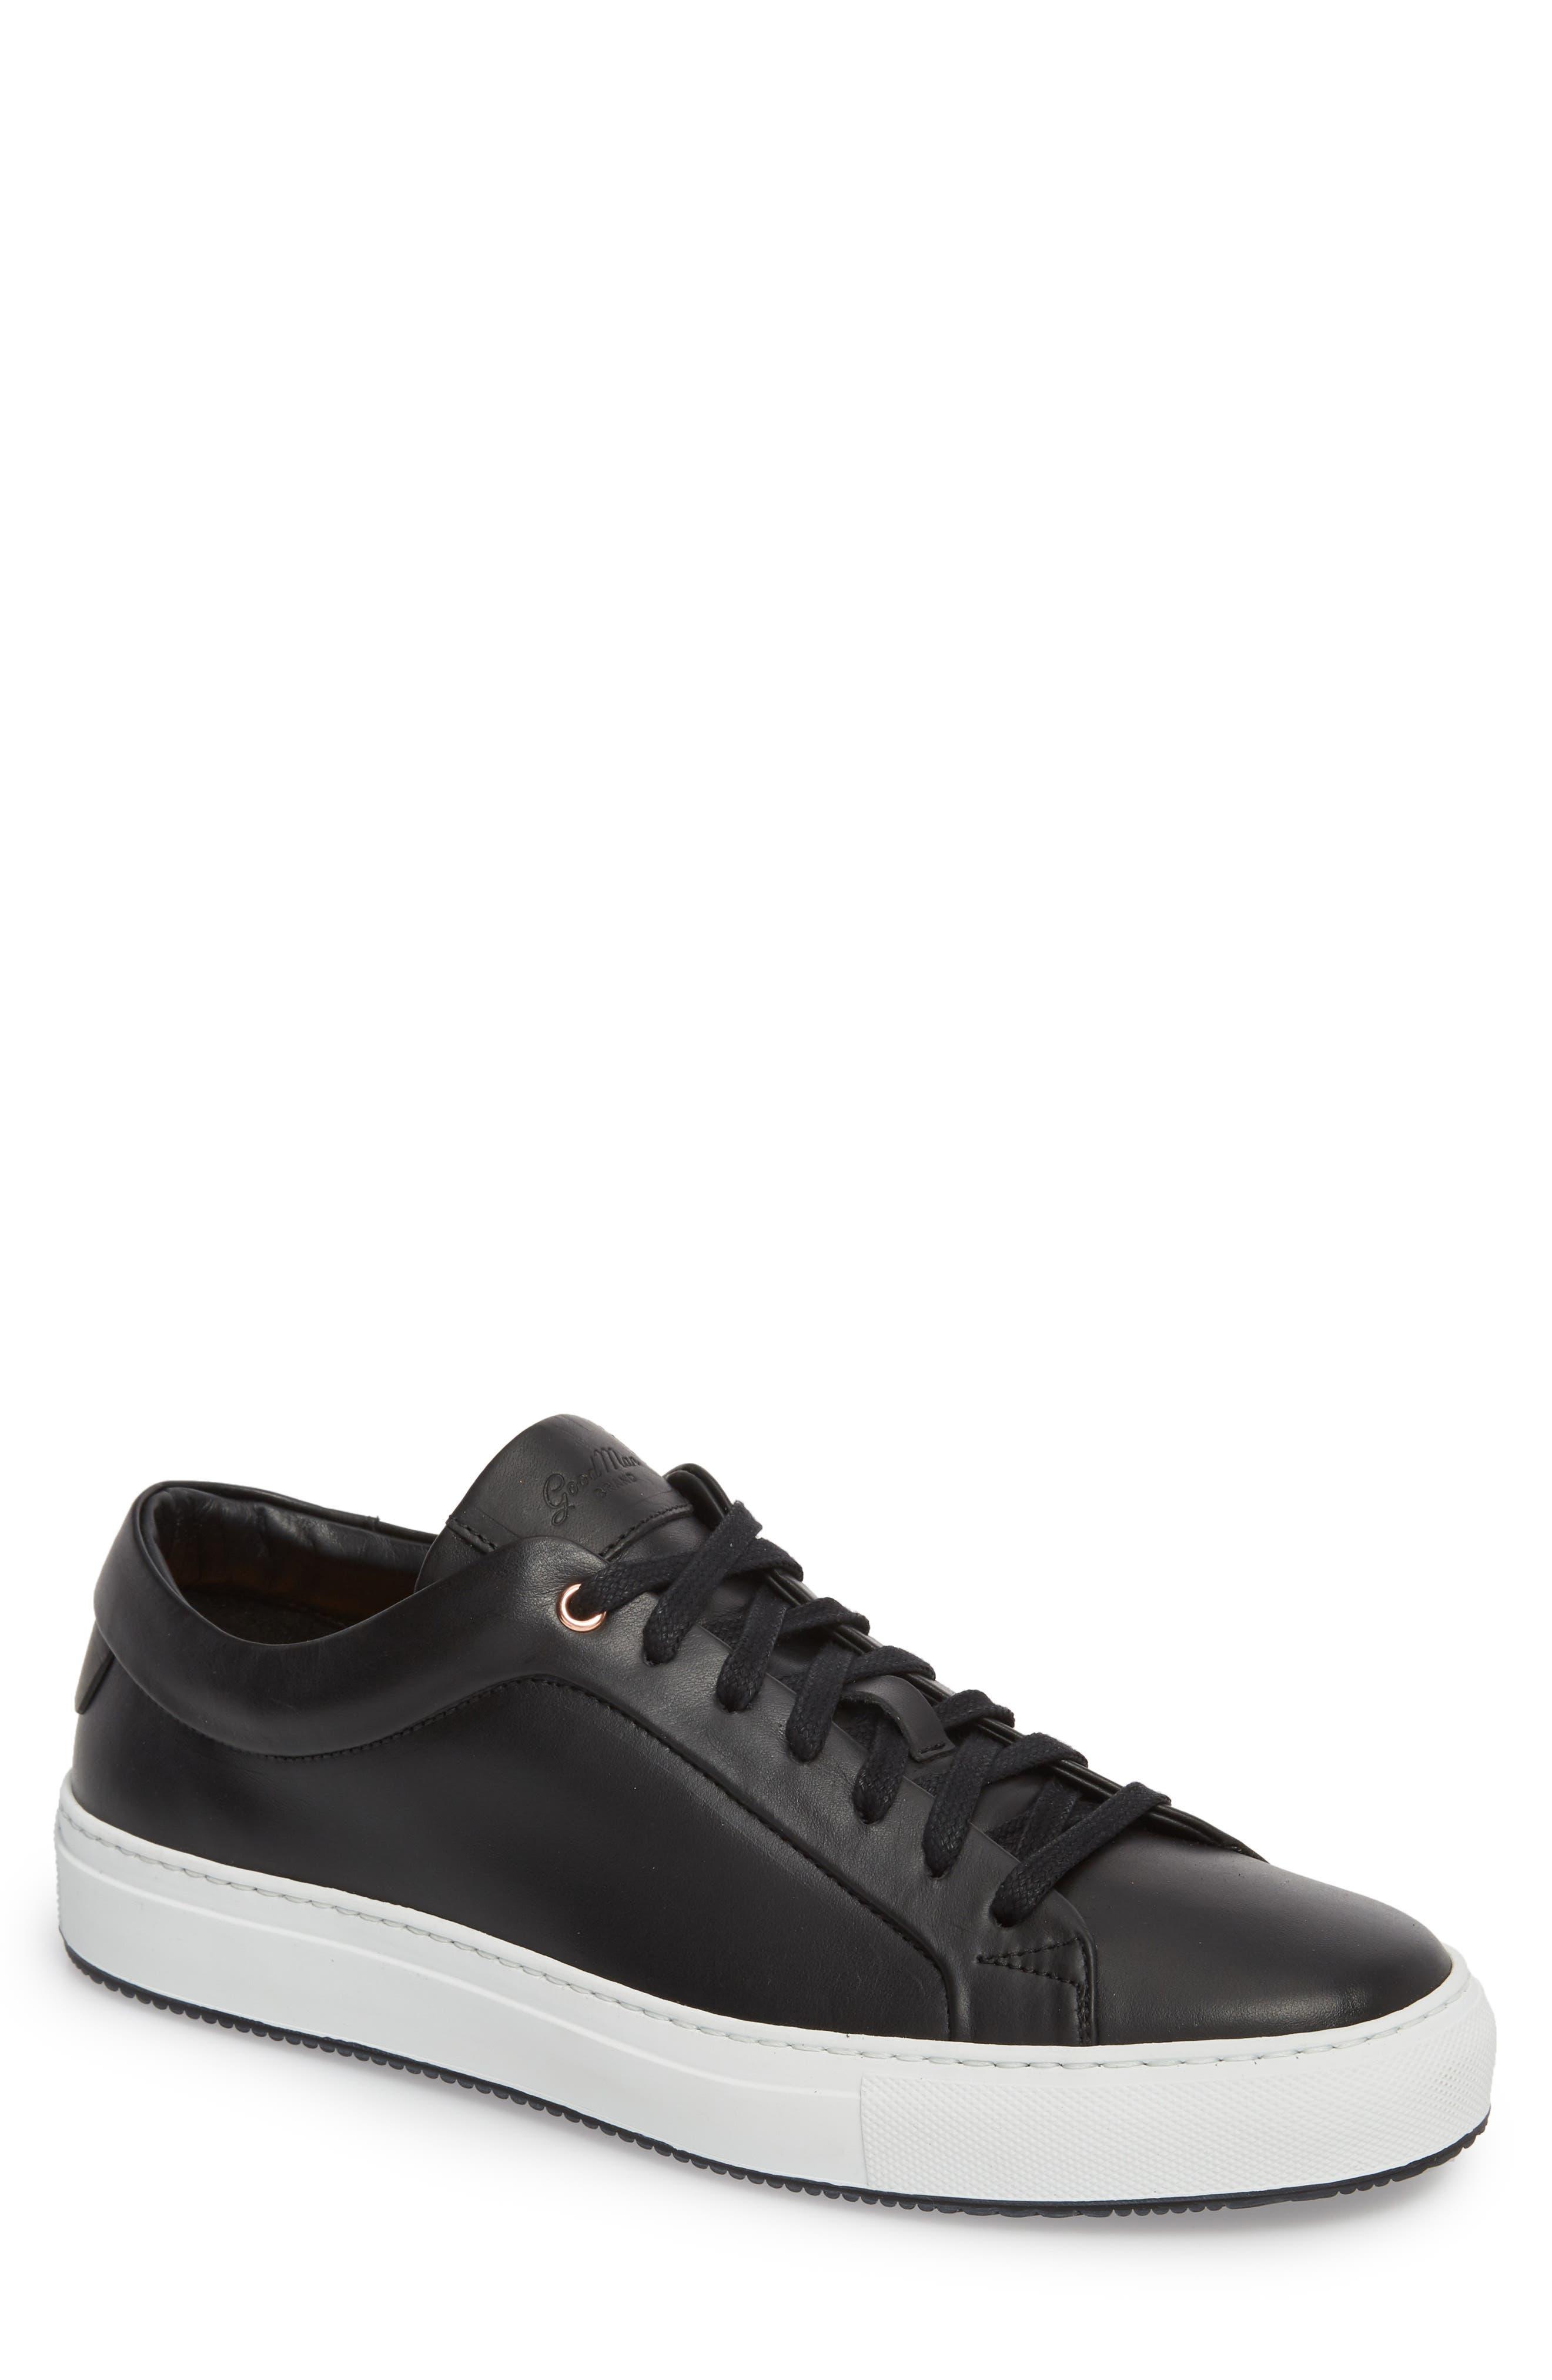 Sure Shot Premium Low Top Sneaker, Main, color, 004